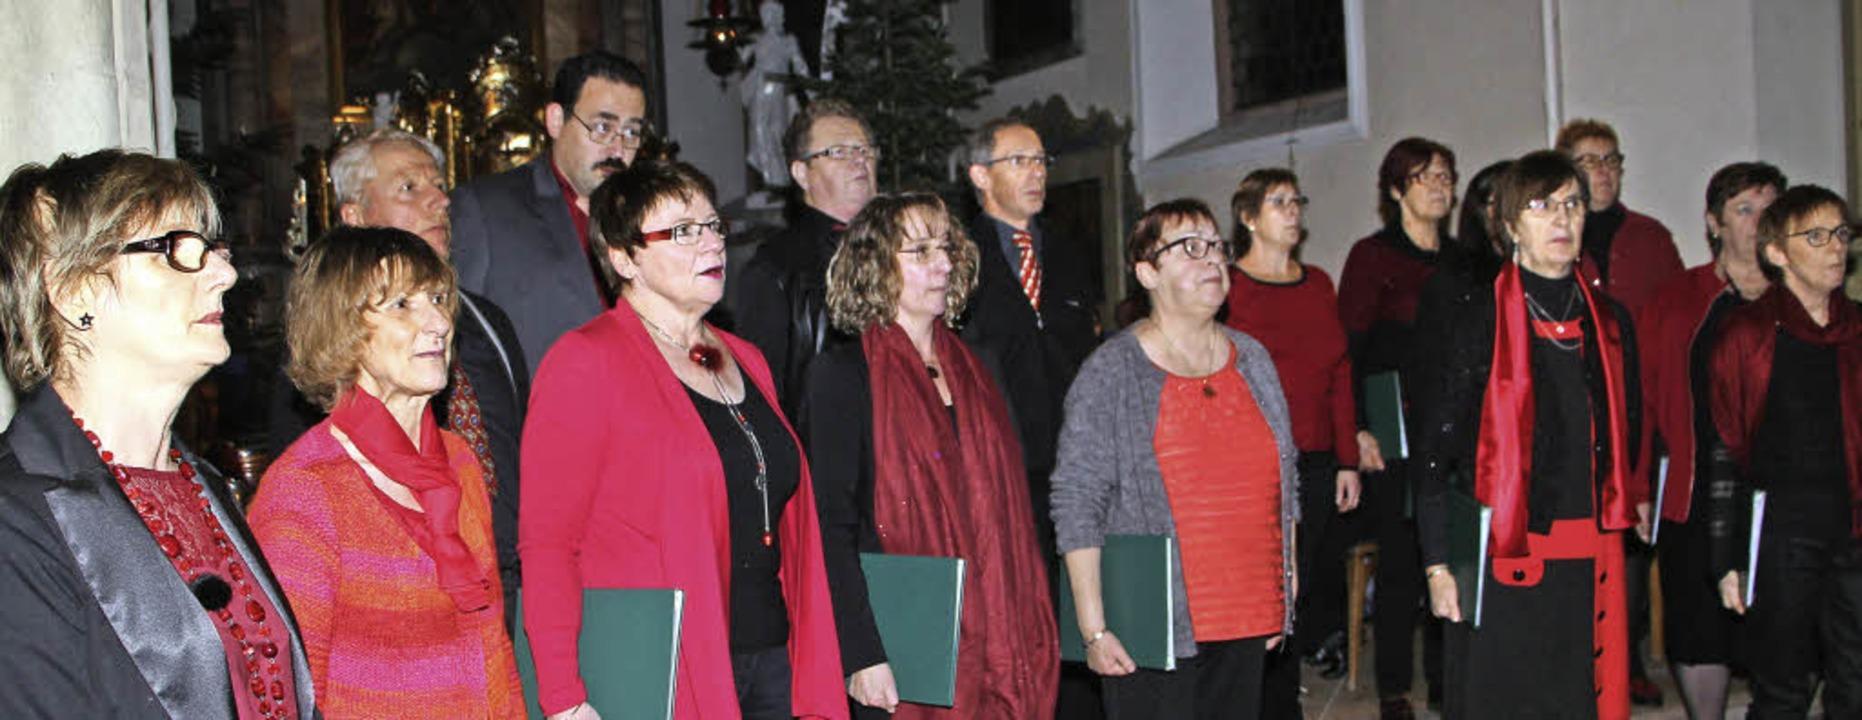 Sängerinnen und Sänger aus Sigolsheim ...en das Weihnachtskonzert in Burkheim.   | Foto: Herbert Trogus